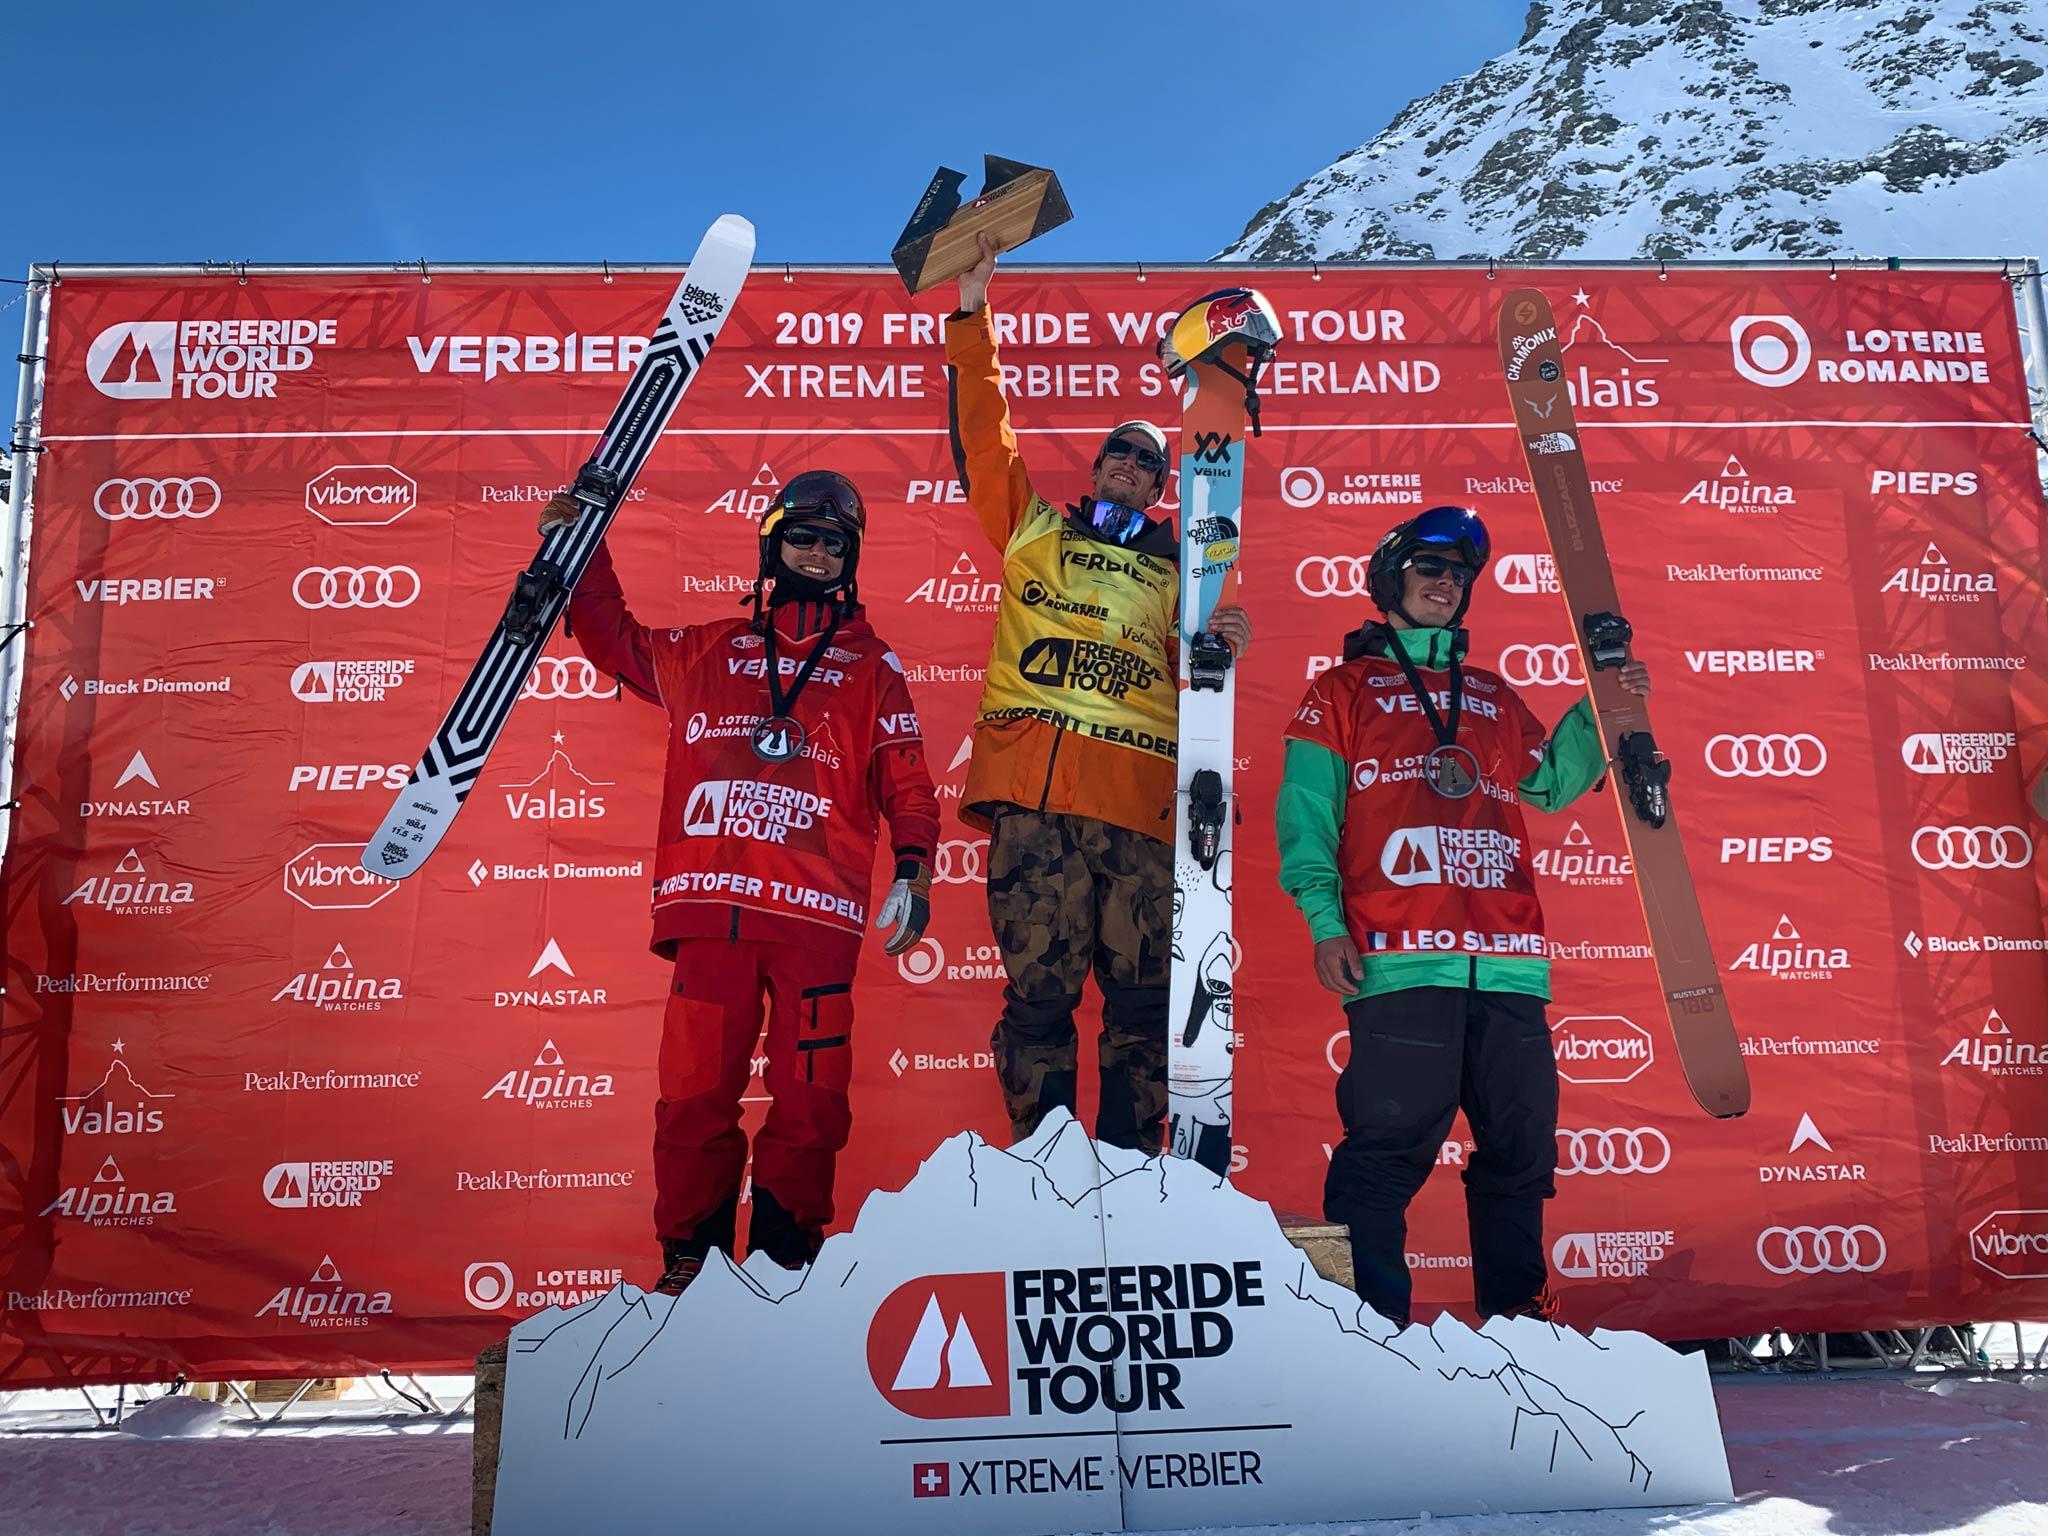 Die drei besten Männer am Ende der Freeride World Tour 2019: Kristofer Turdell (SWE), Markus Eder (ITA) & Léo Slemett (FRA) - Foto: freerideworldtour.com